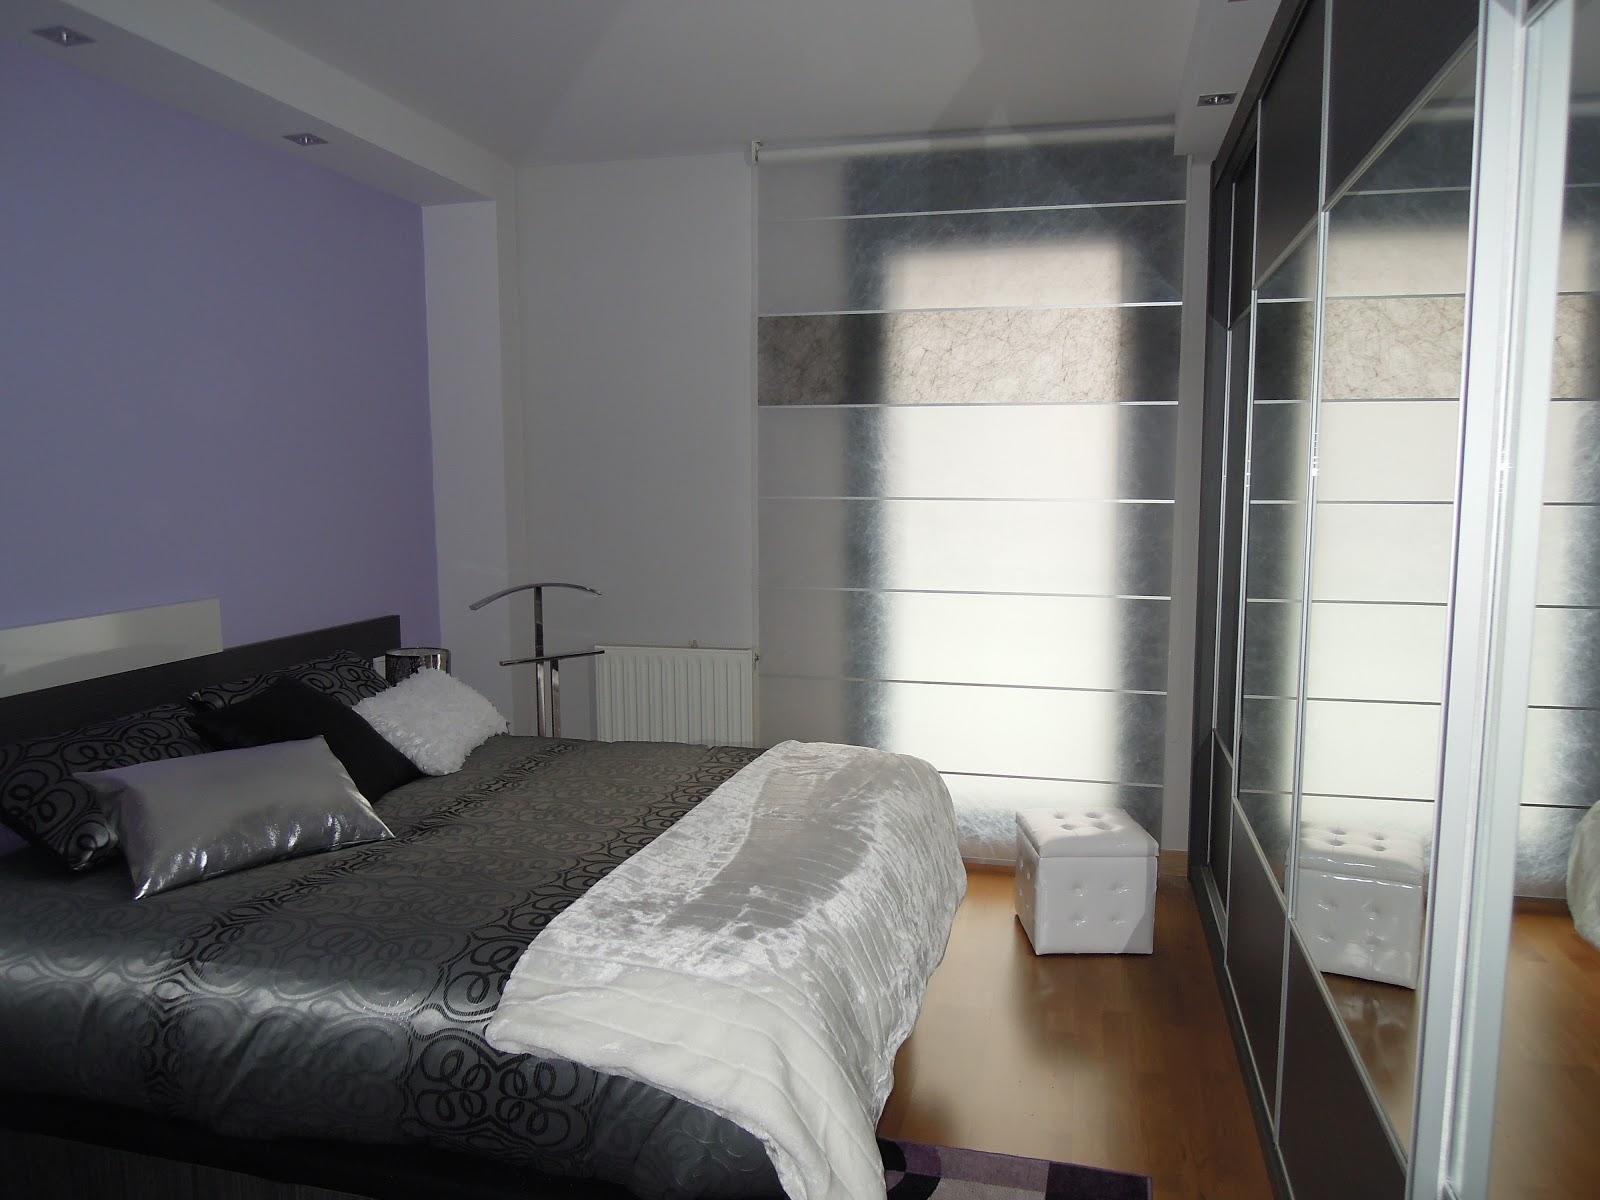 Fotos de cortinas dormitorio principal 2012 - Fotos cortinas dormitorio ...